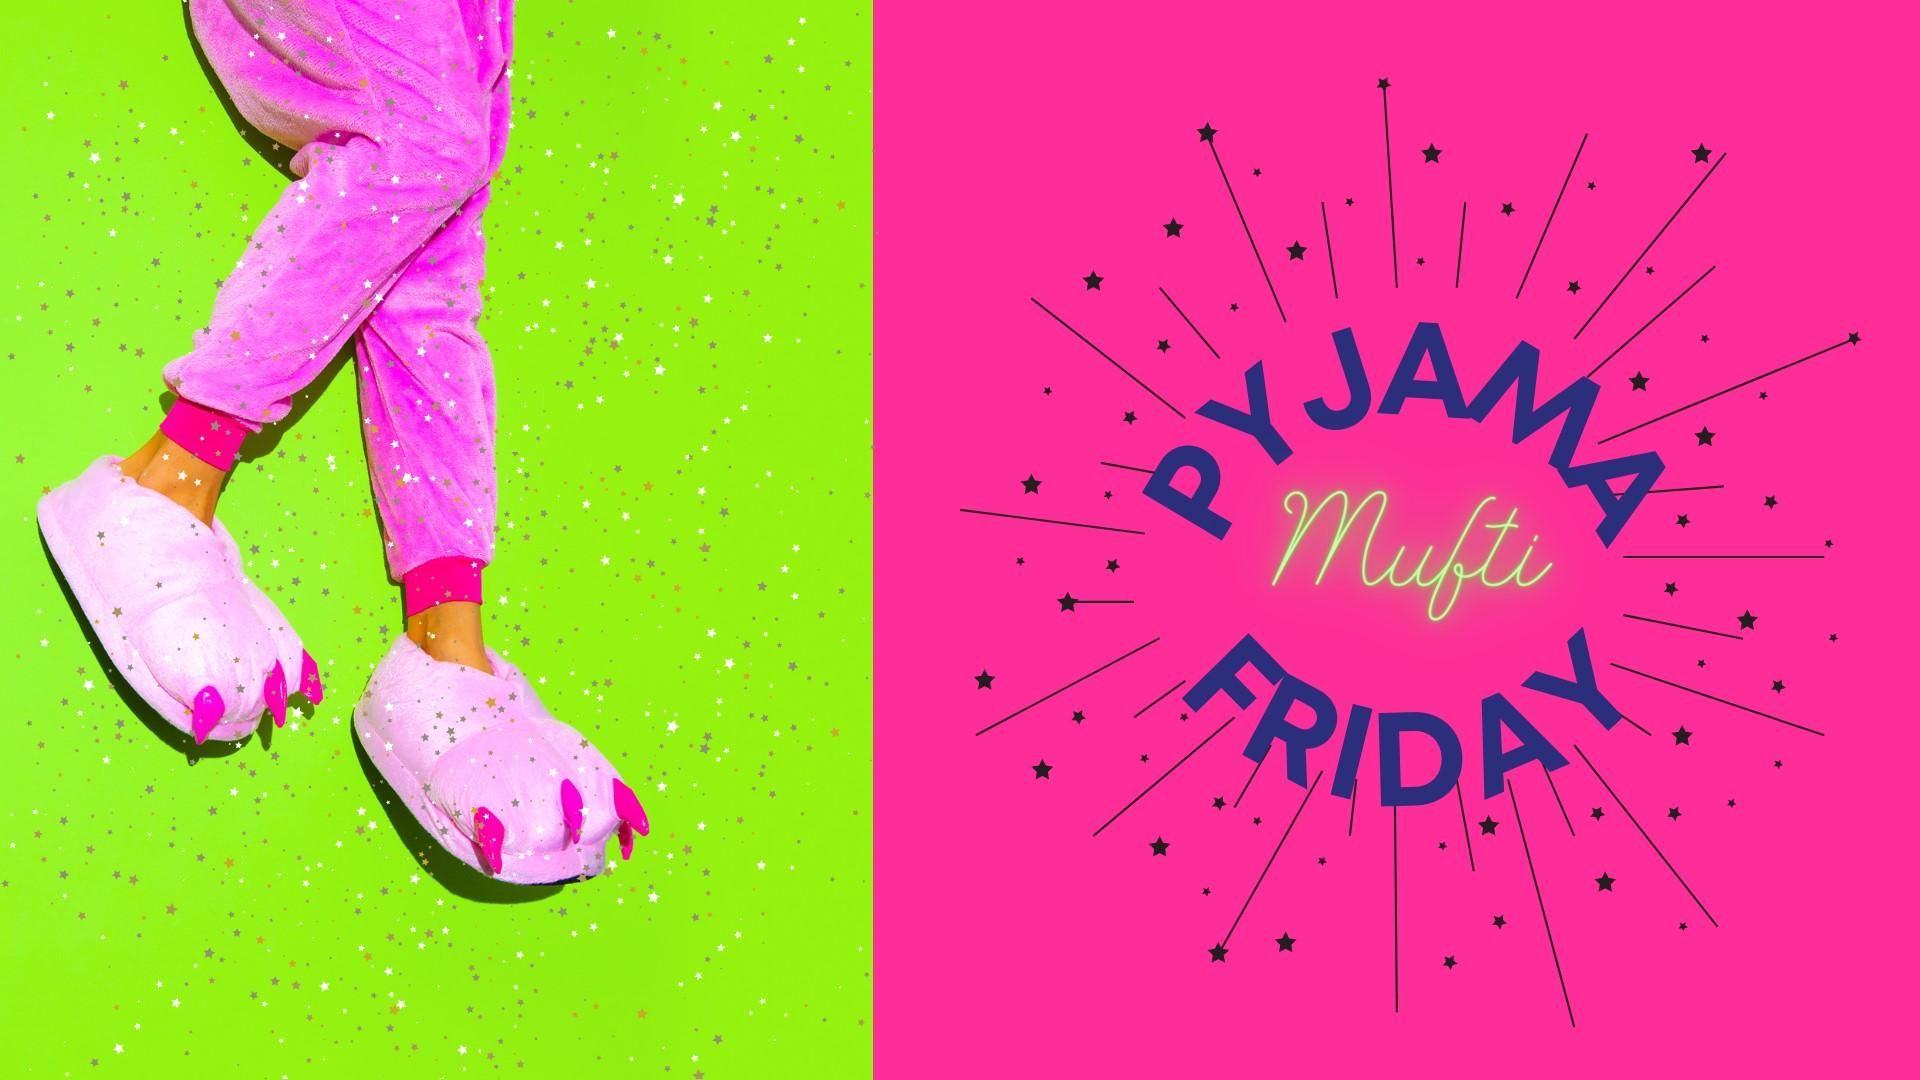 Pyjama Mufti Friday 14/05